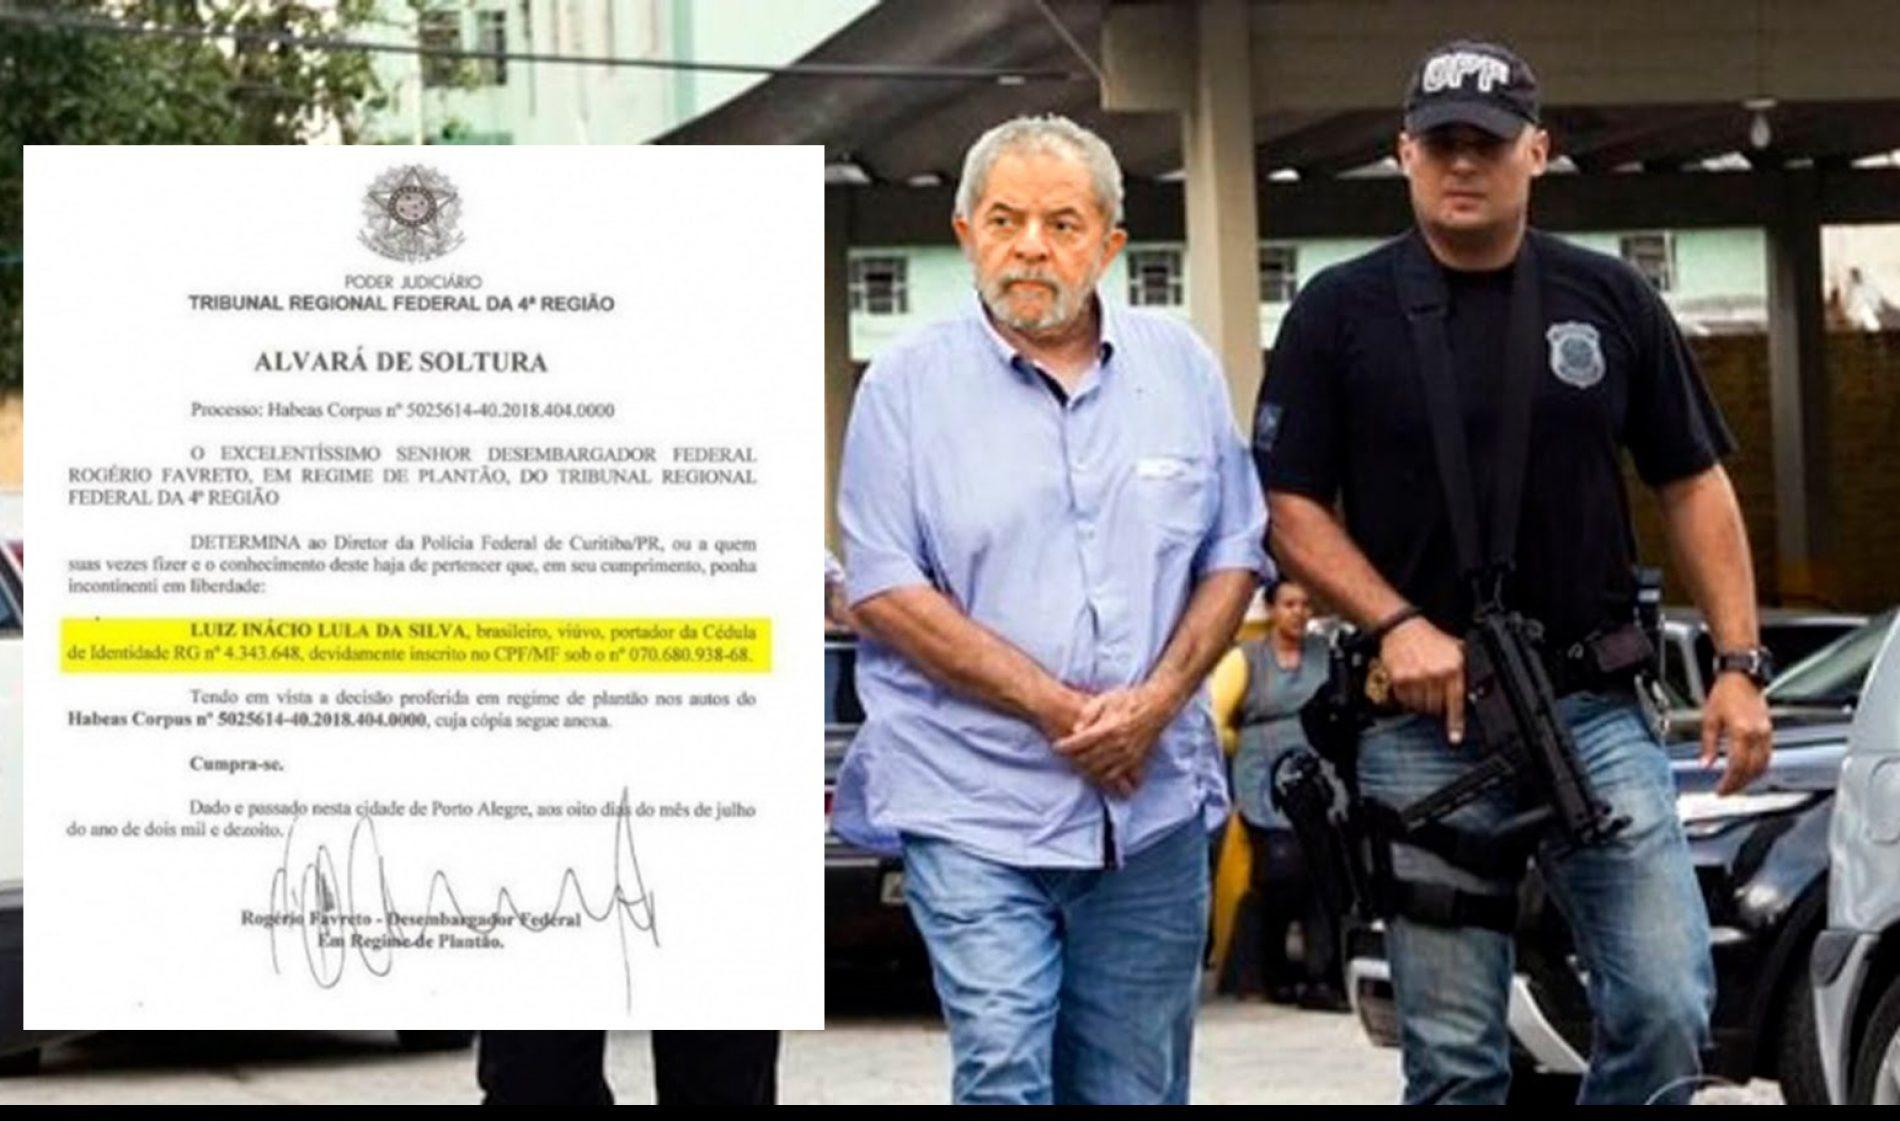 Site de Lula publica íntegra do alvará de soltura do TRF-4